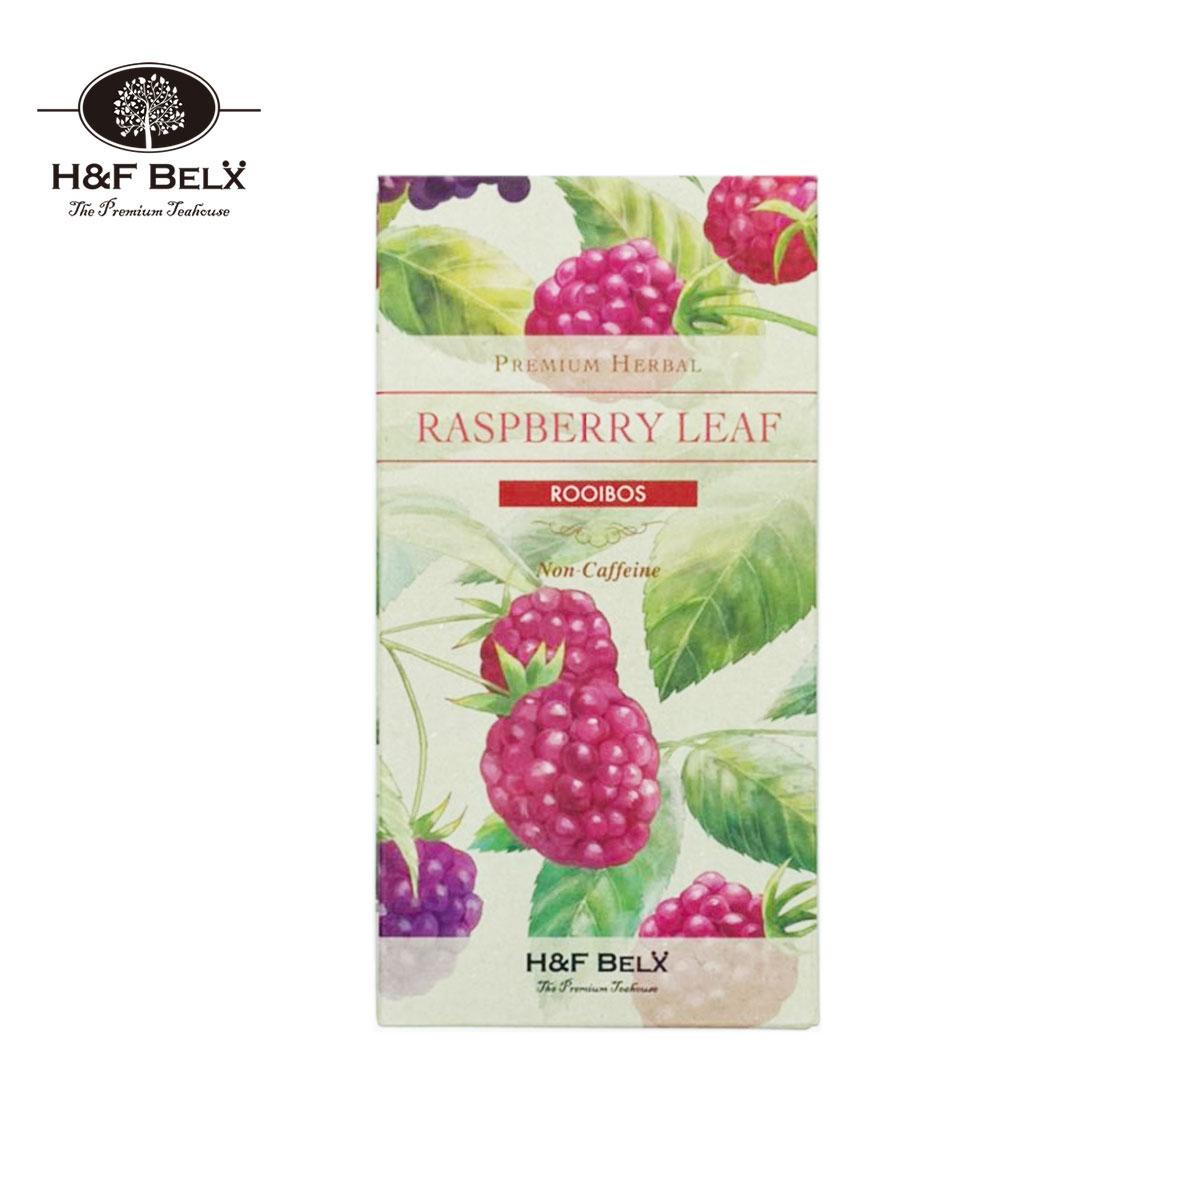 ラズベリーリーフティー|子宮収縮を手助けさせると言われるハーブとルイボスティーを合わせた出産後に最適なお茶。甘酸っぱいラズベリーの香り